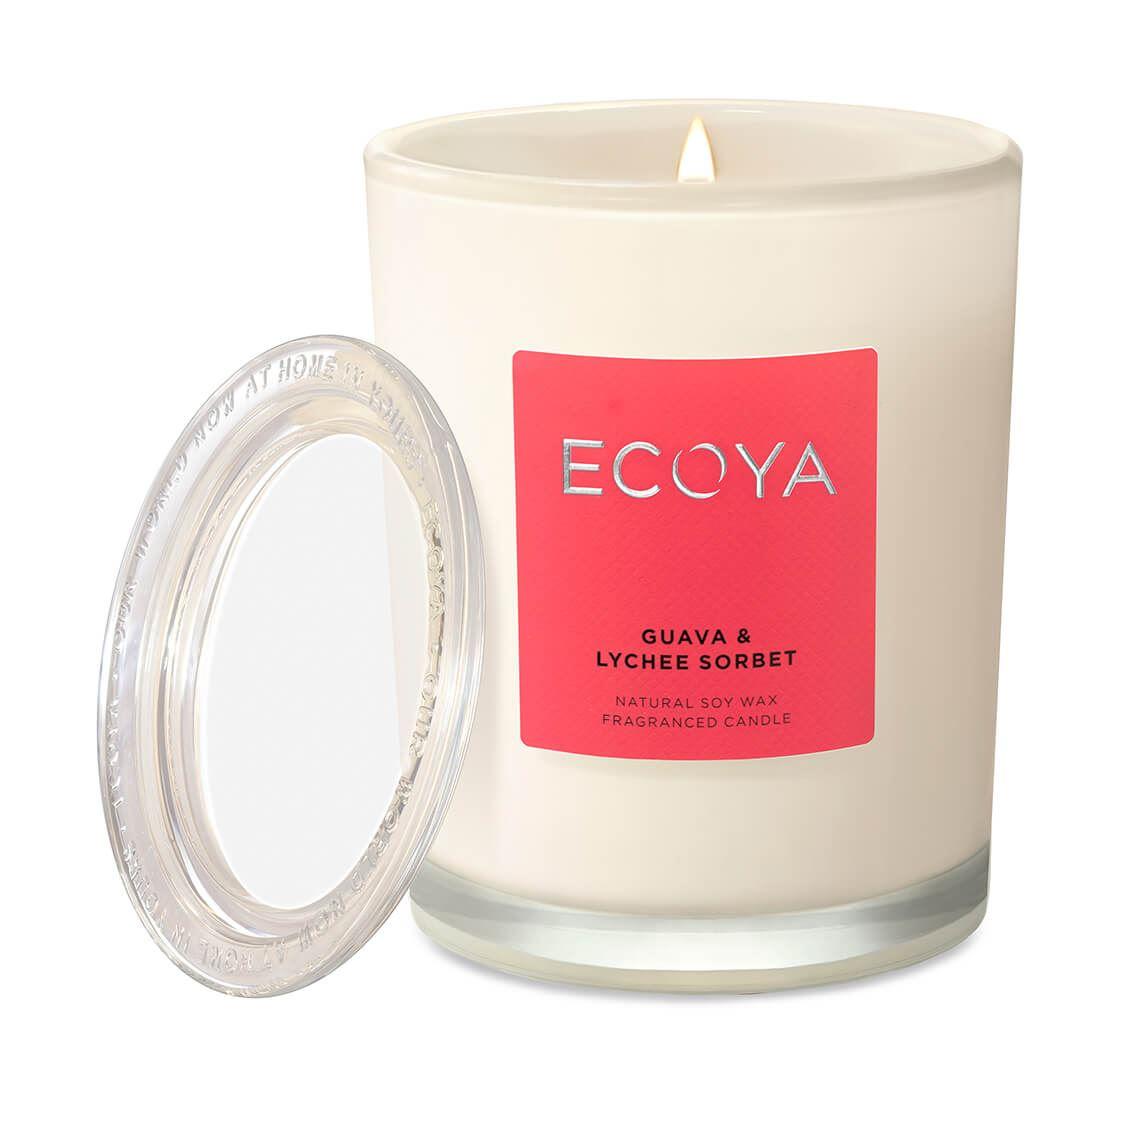 Ecoya Metro Jar Guava & Lychee Size W 8cm x D 8cm x H 11cm in Guava/Lychee Freedom